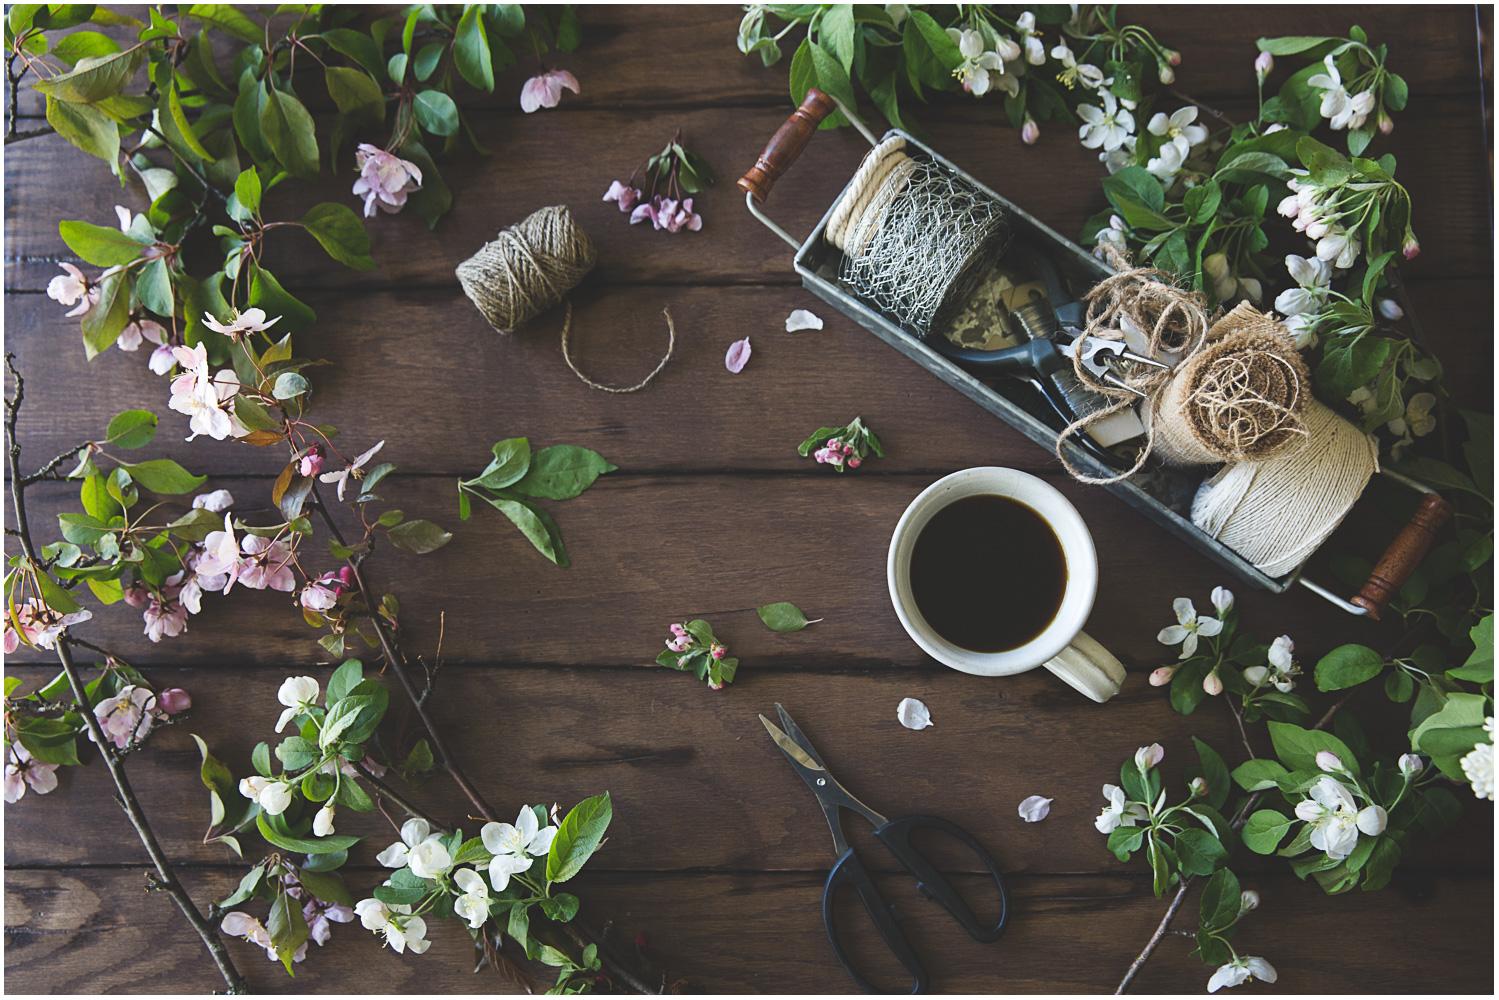 Bragg_Kate_Spring_17_Blossoms3.jpg